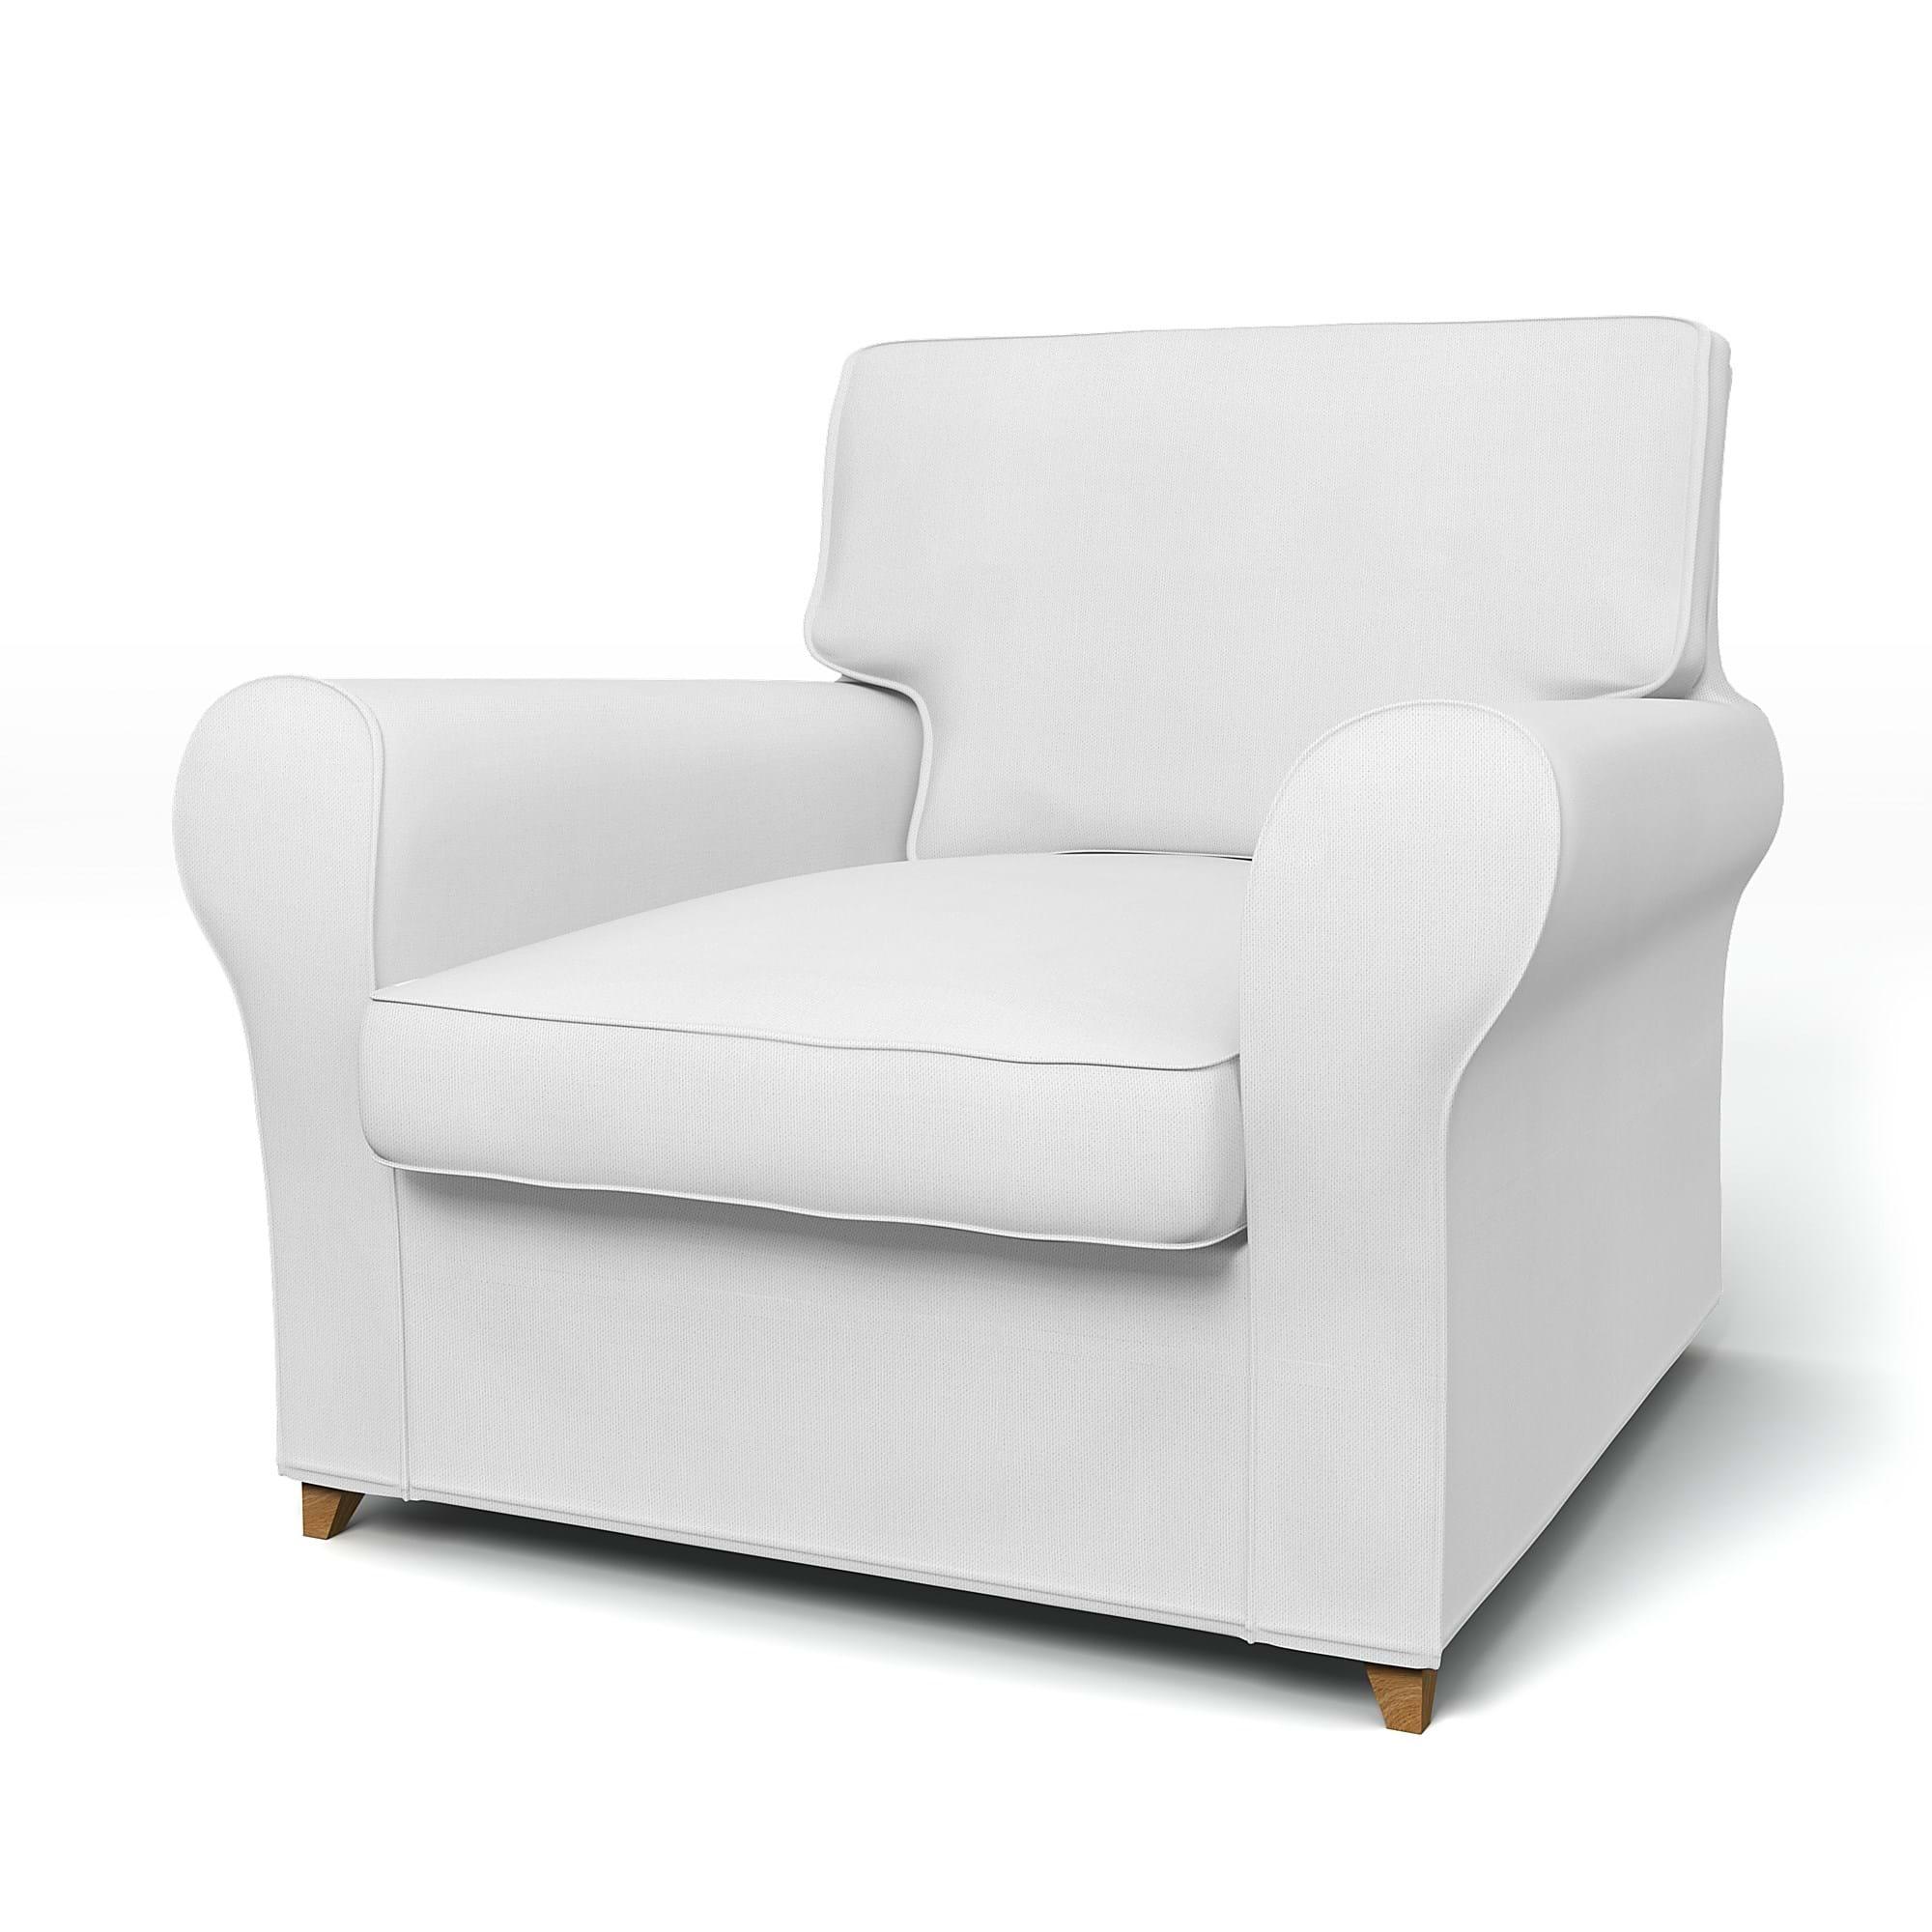 Erstatningstrekk for IKEA Ektorp lenestol Bemz   Bemz